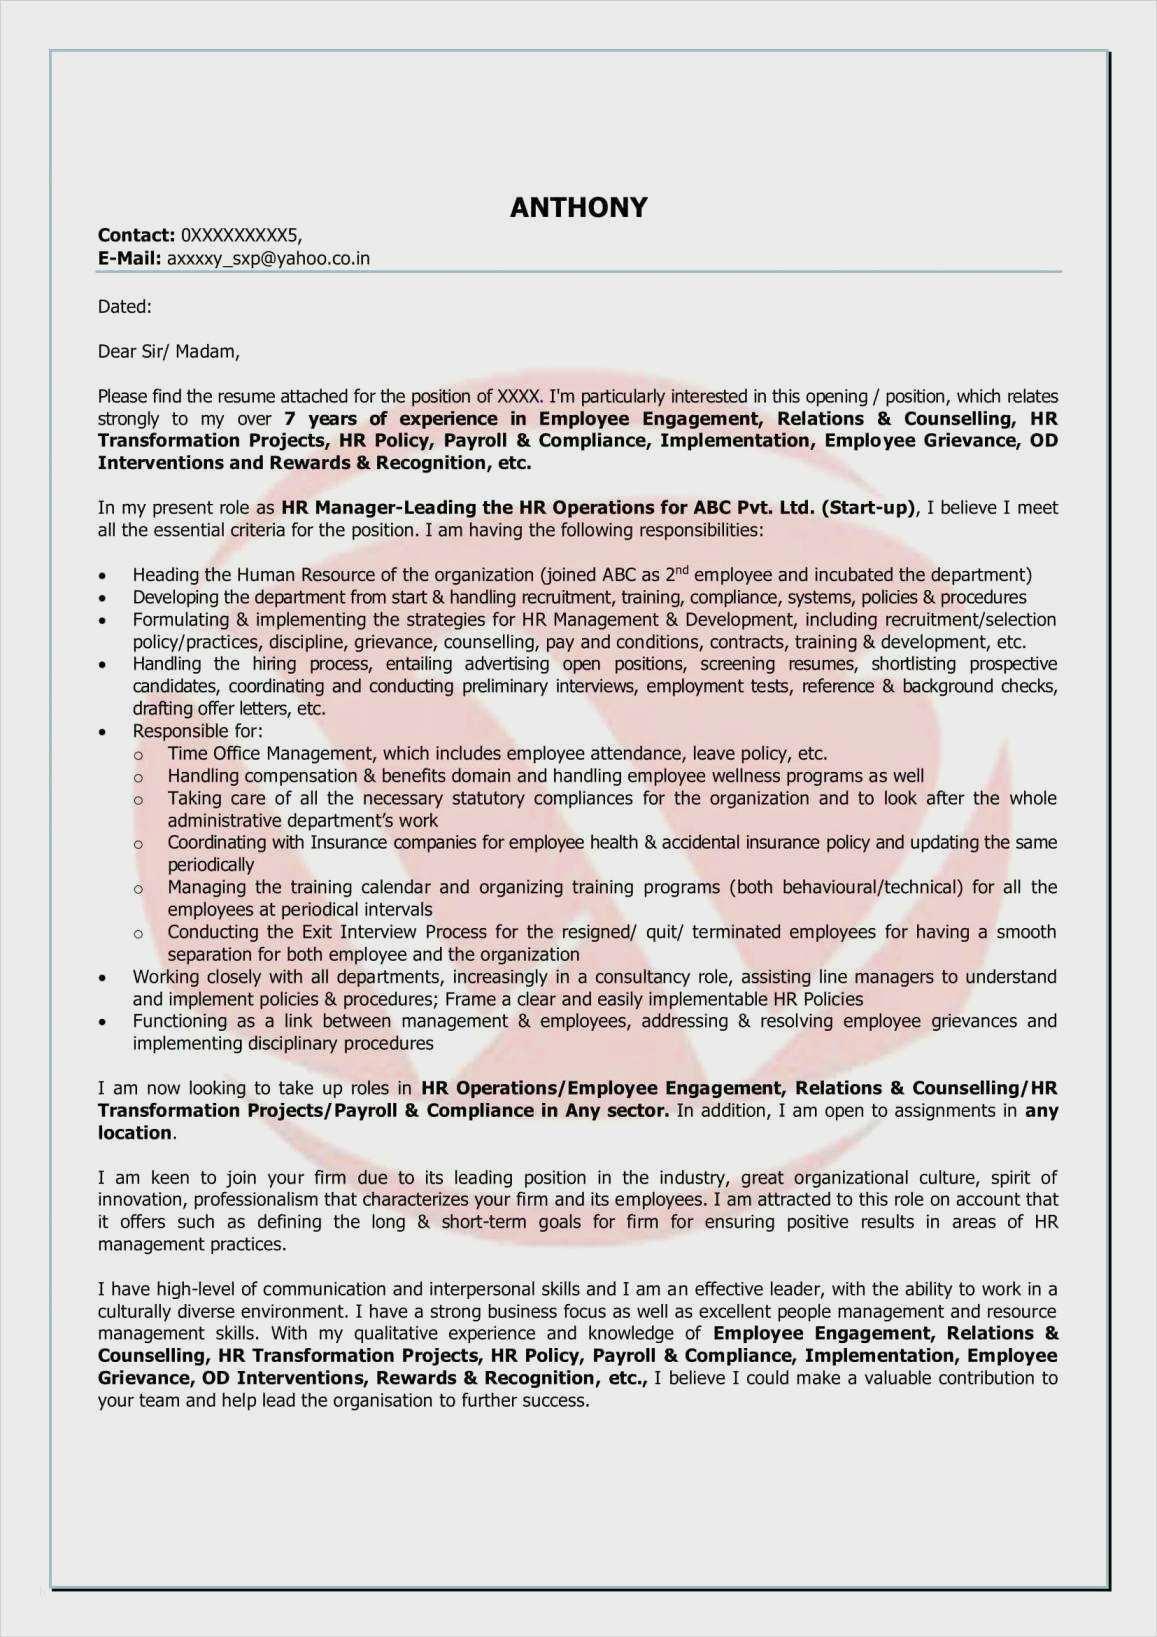 Vorlage Danksagung Trauer Word 37 Bewundernswert Ebendiese Konnen Adaptieren In Microsoft W In 2020 Lebenslauf Muster Bewerbung Praktikum Muster Brief Schreiben Muster